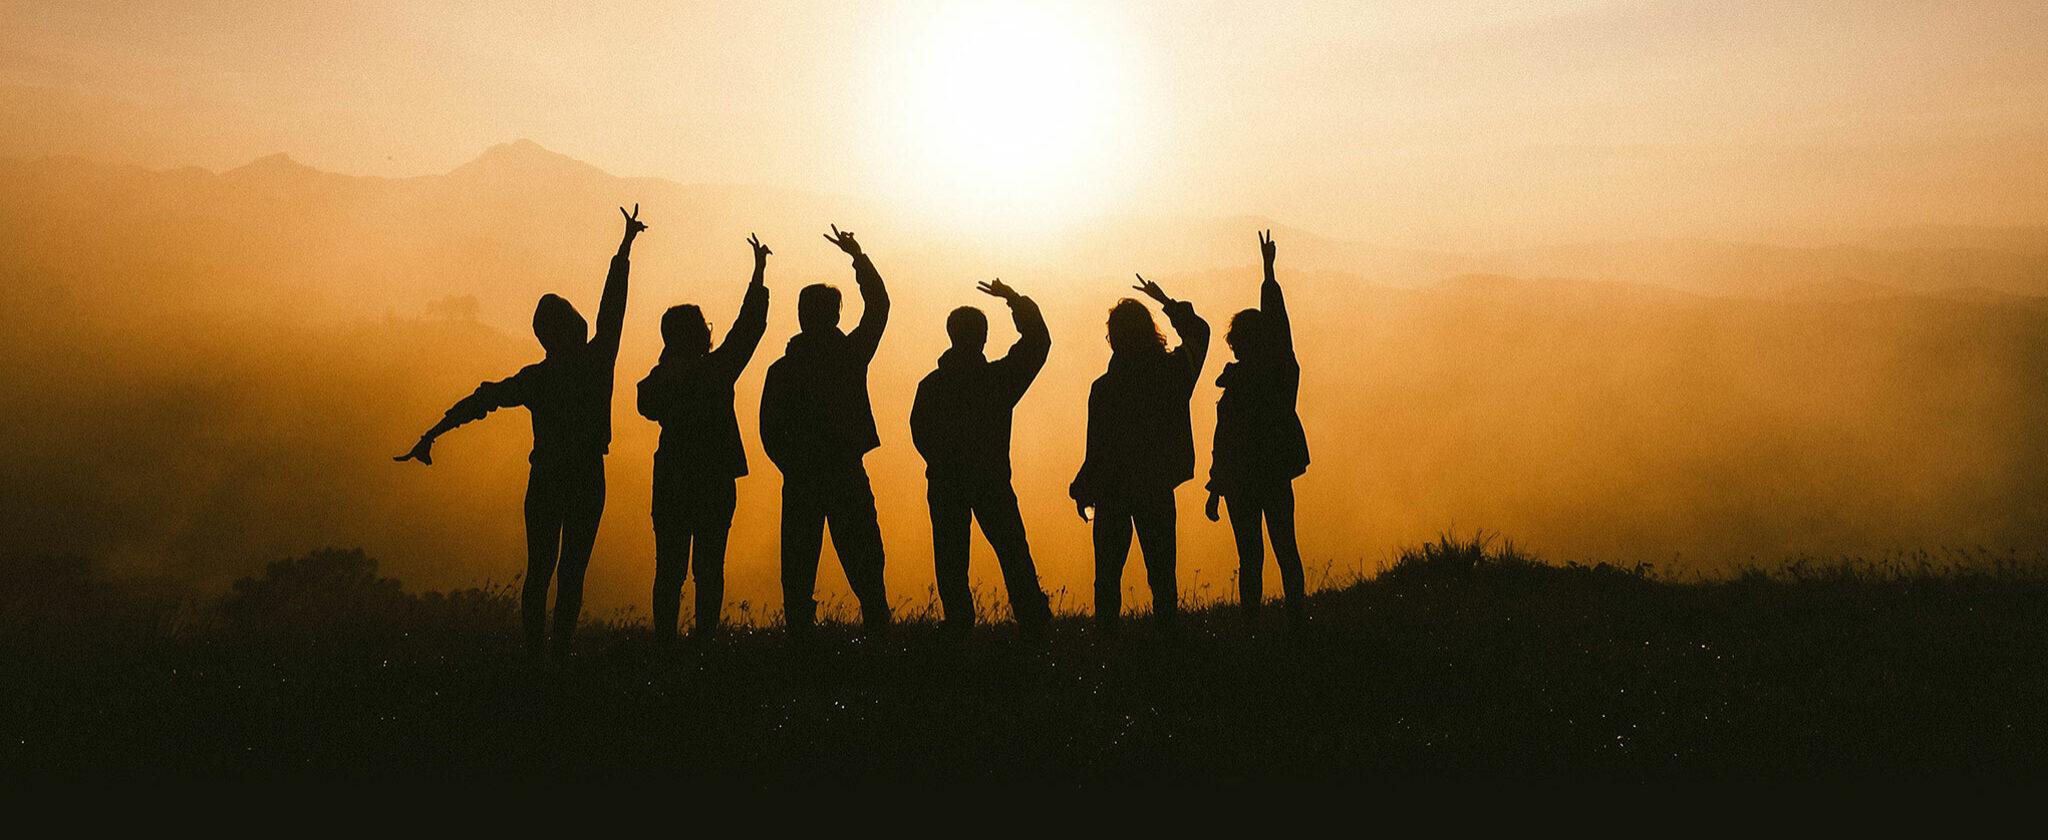 Silhoutten sechs glücklicher Personen vor einem Sonnenuntergang.